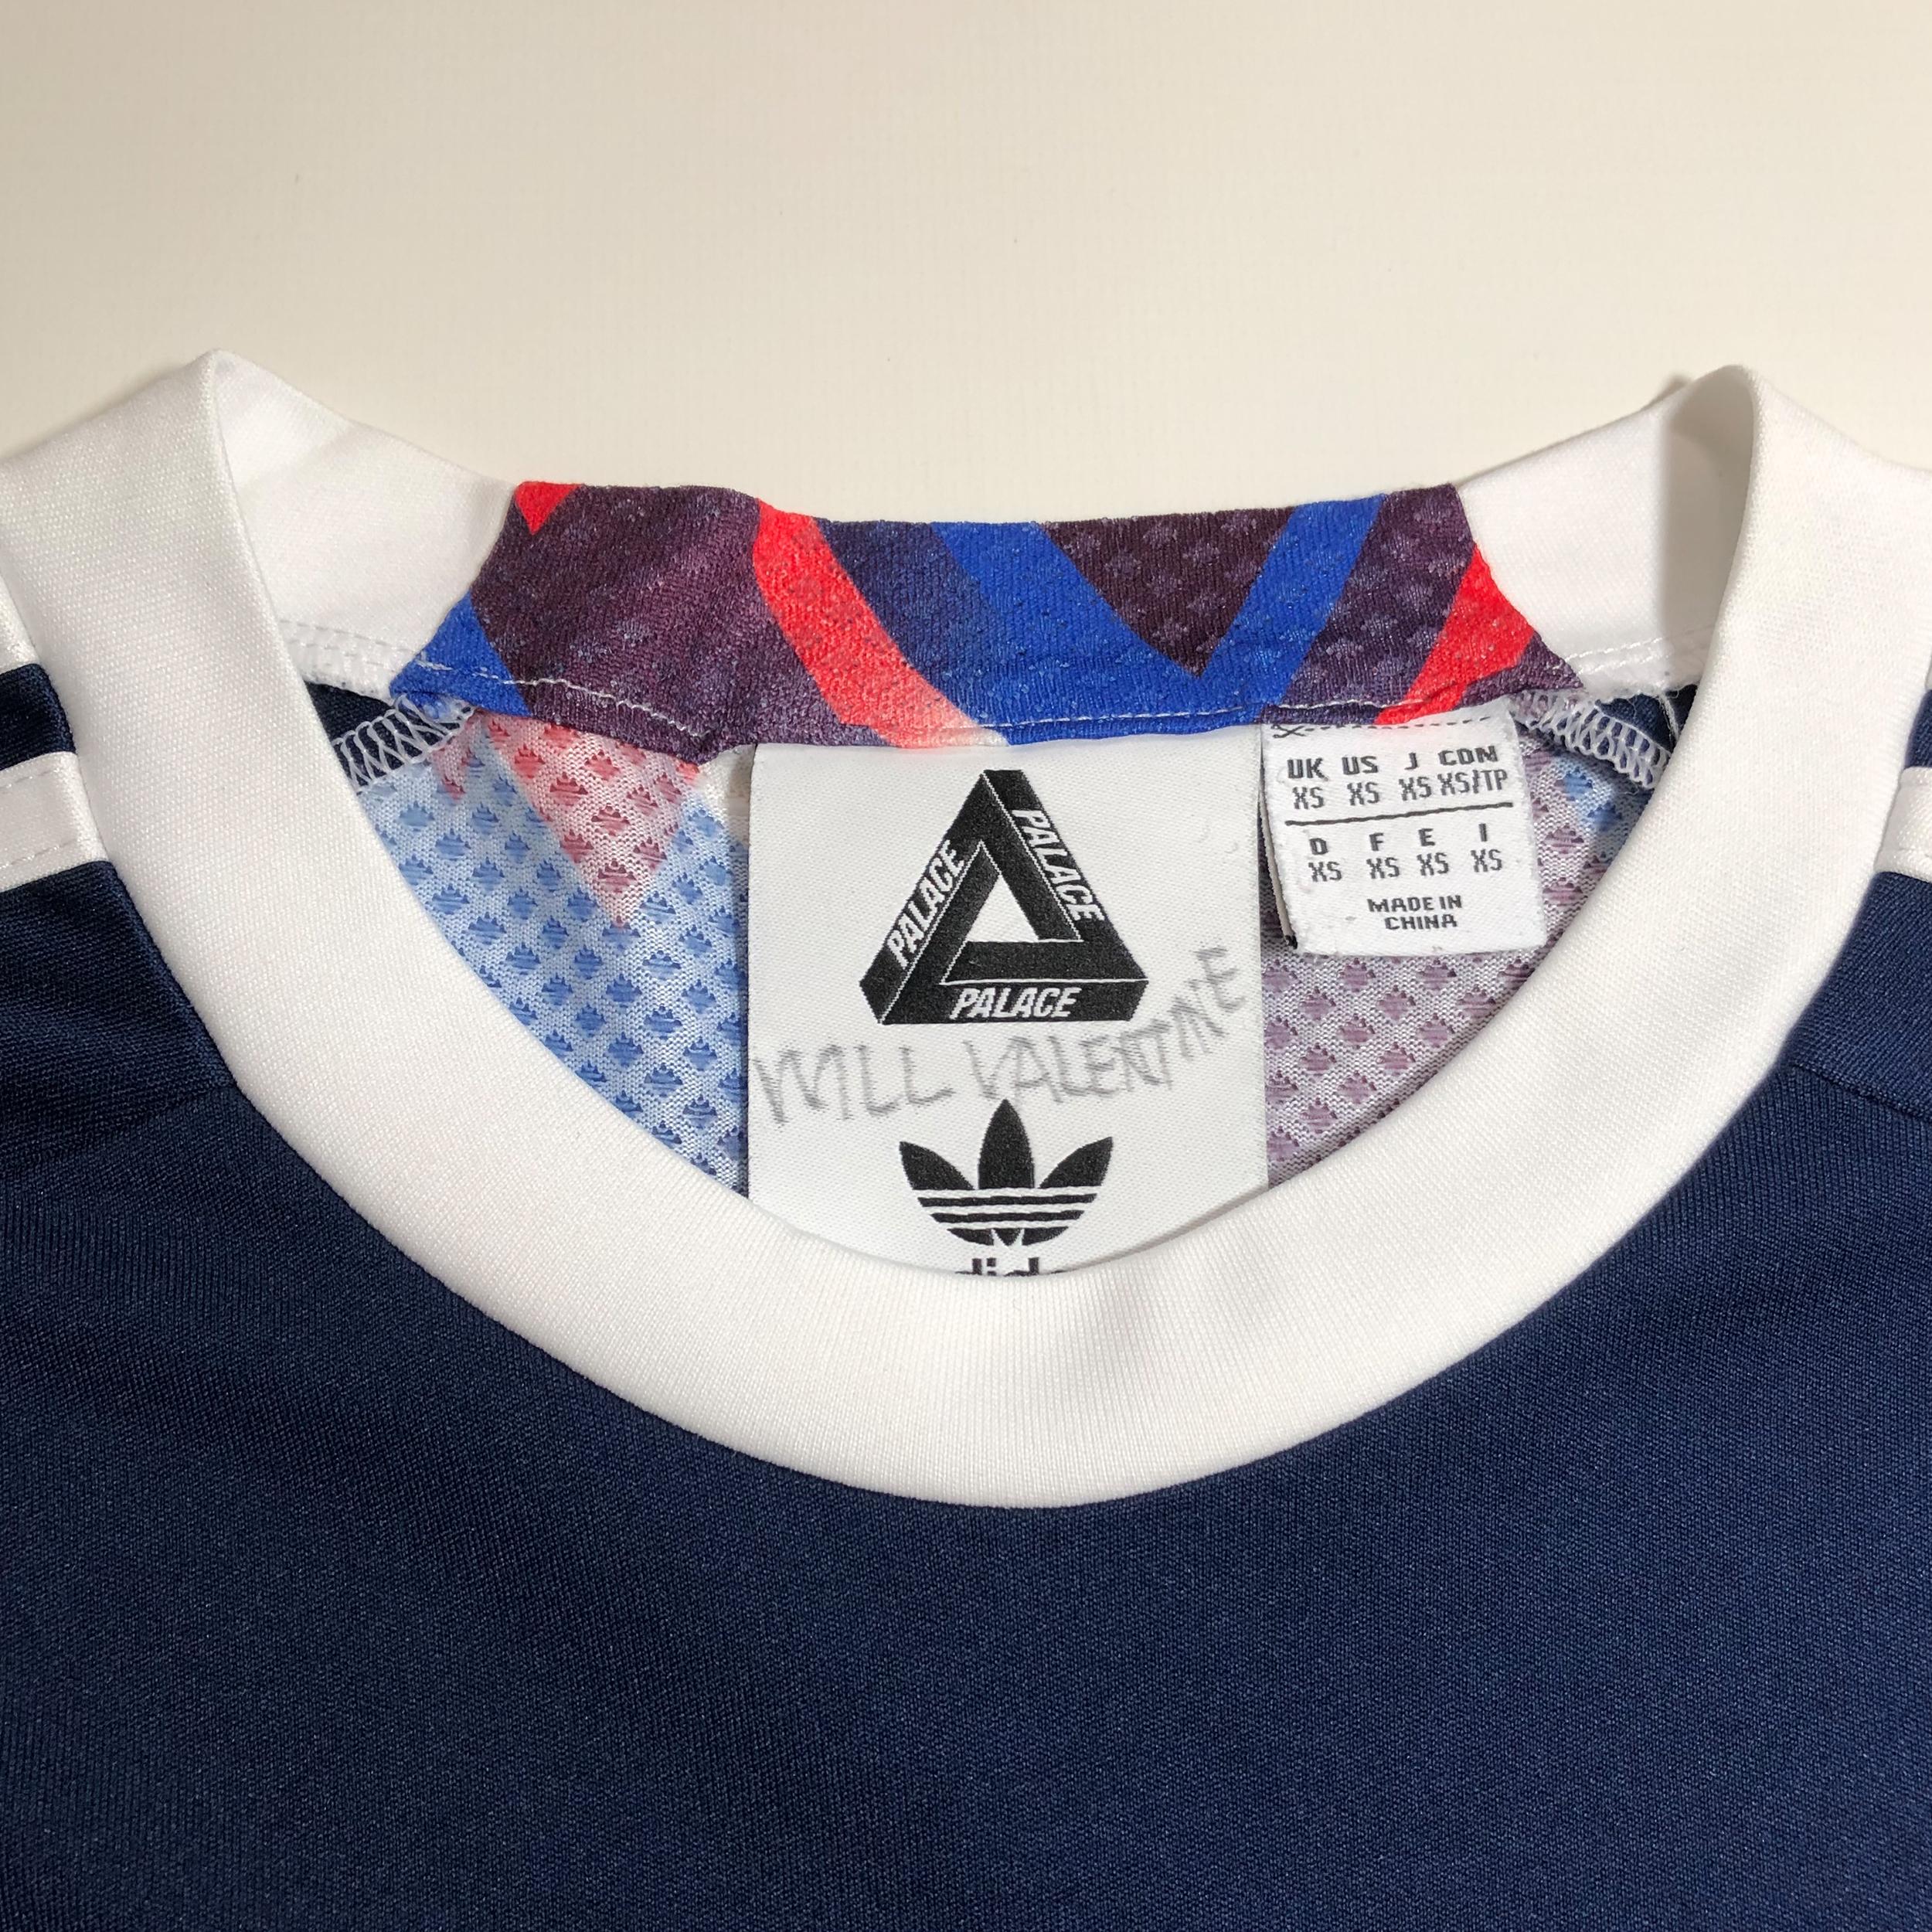 Adidas_0000_palace x adidas jersey blue xs label